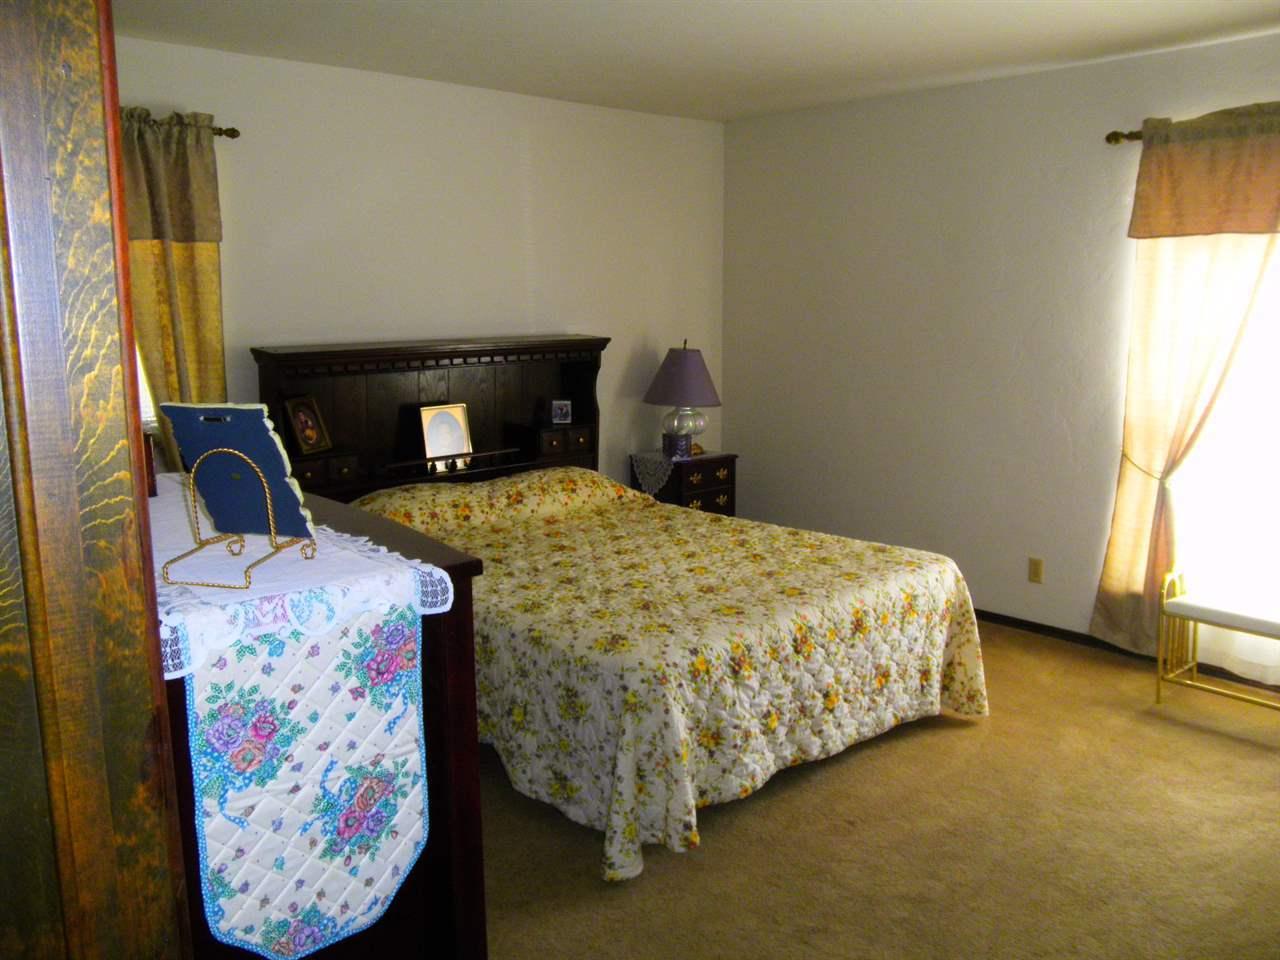 Sold Intraoffice W/MLS | 2101 El Camino  Ponca City, OK 74604 19